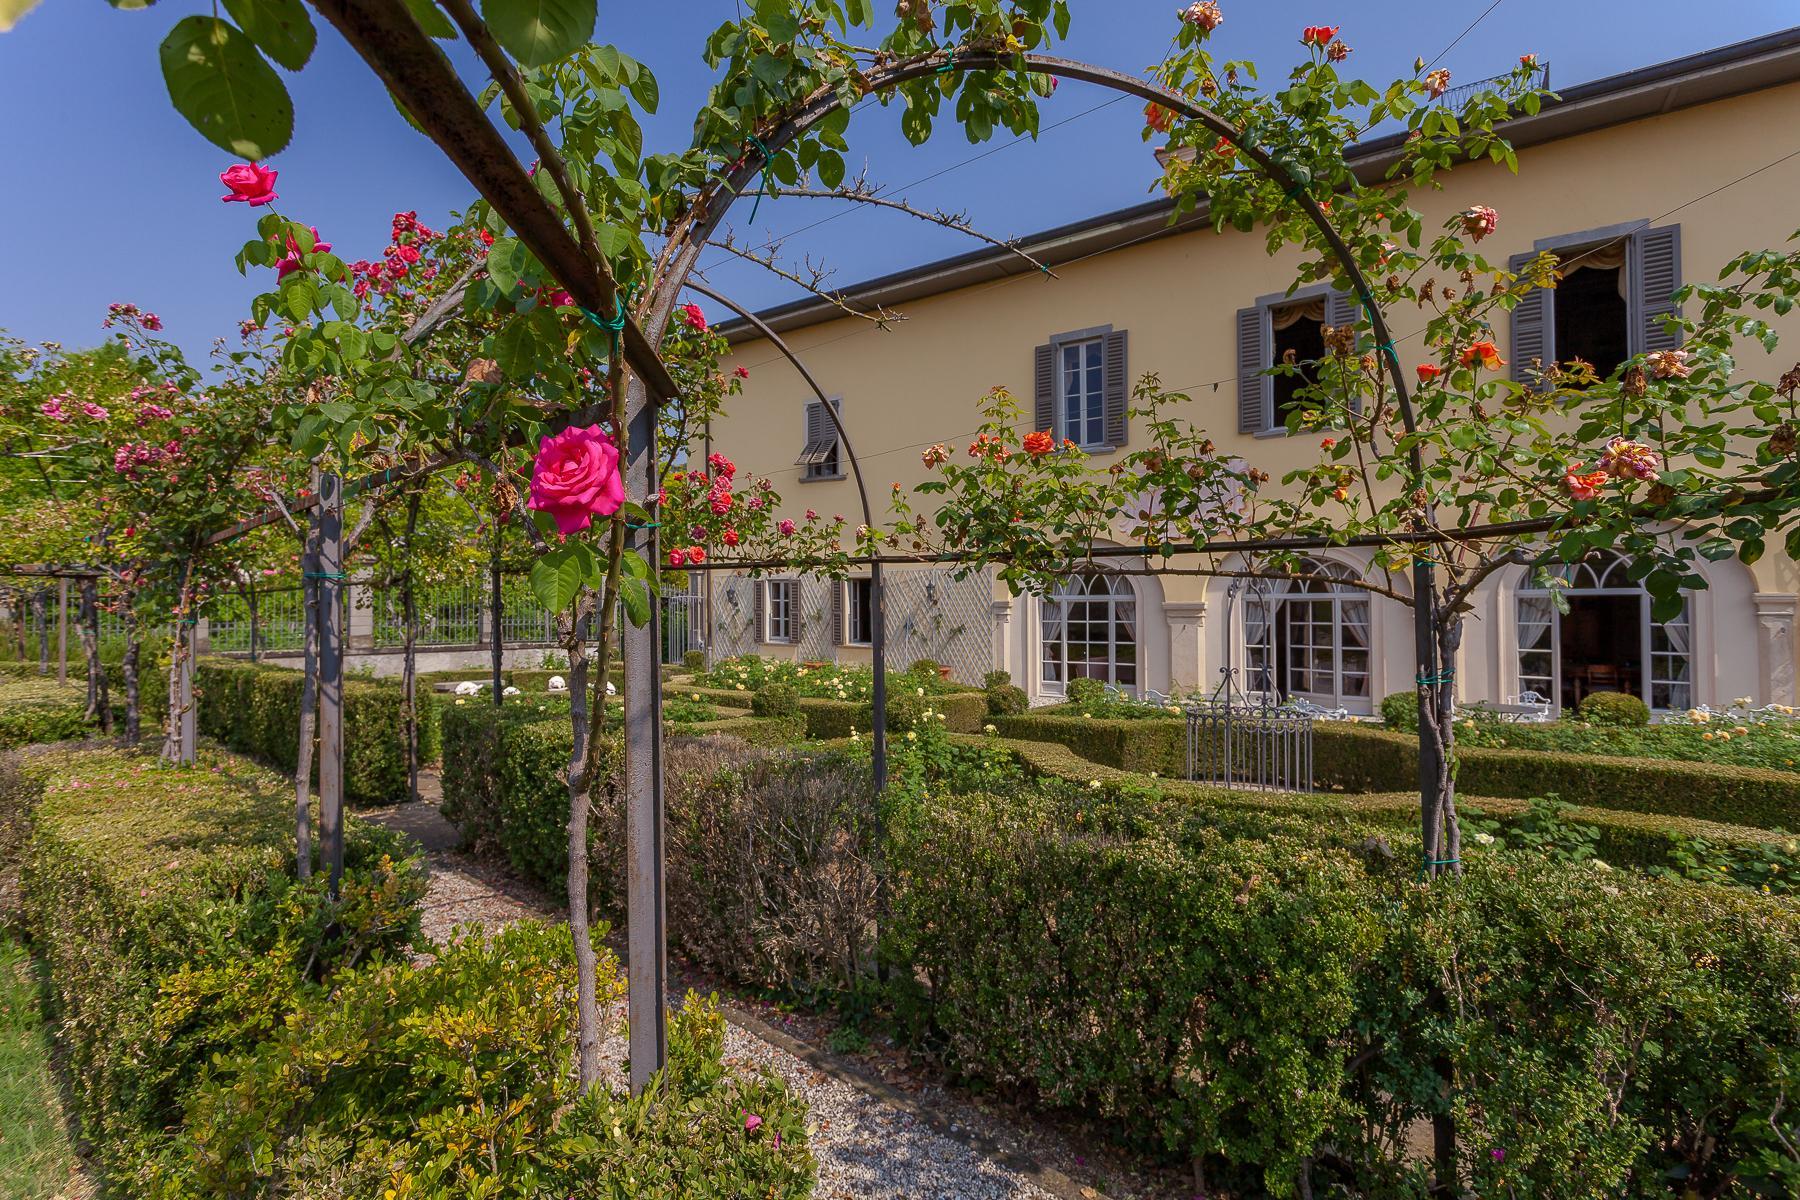 Шикарная вилла с парком и садом в итальянском стиле - 21